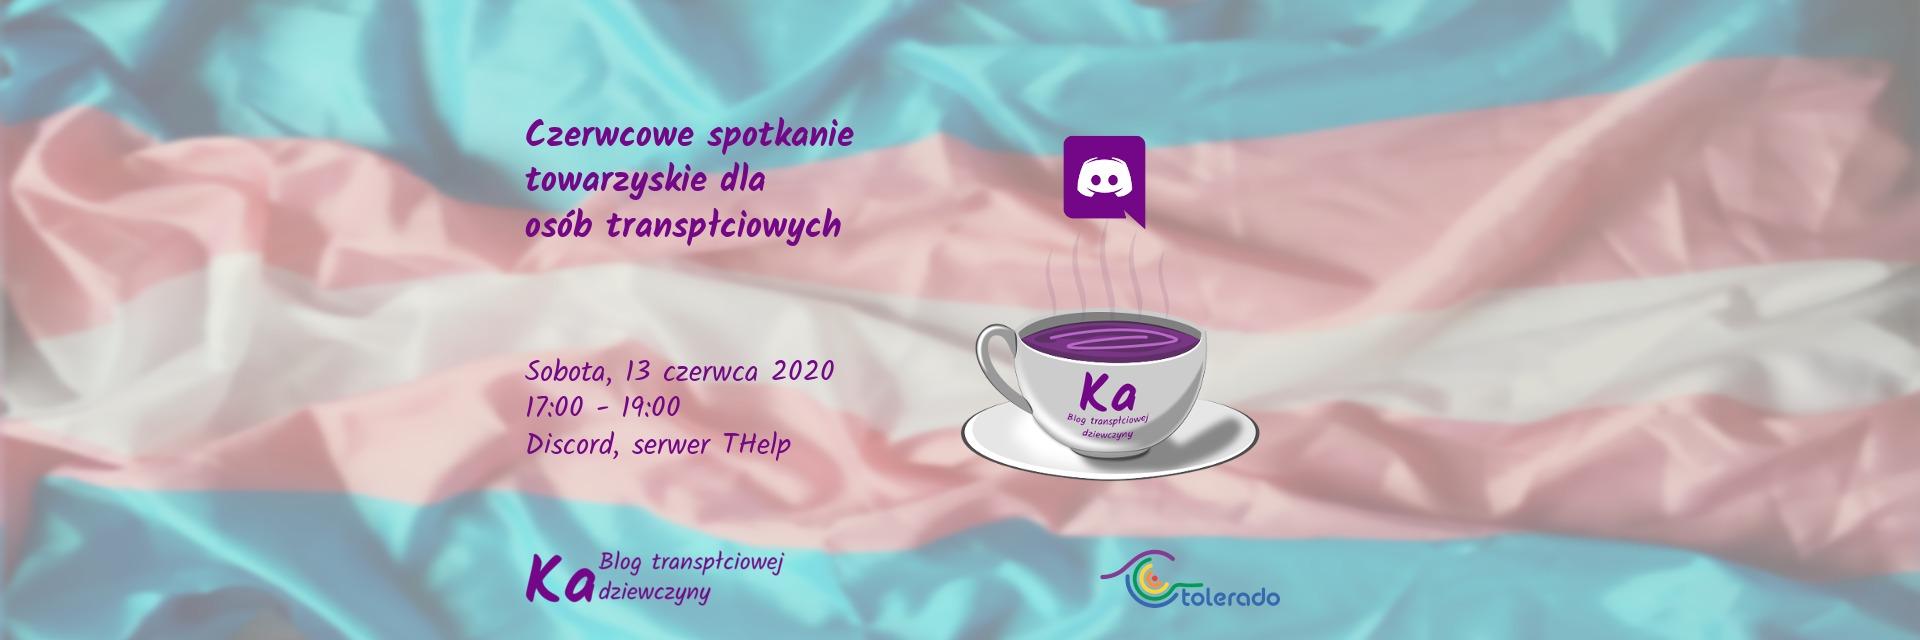 Czerwcowe spotkanie dla osób transpłciowych 2020